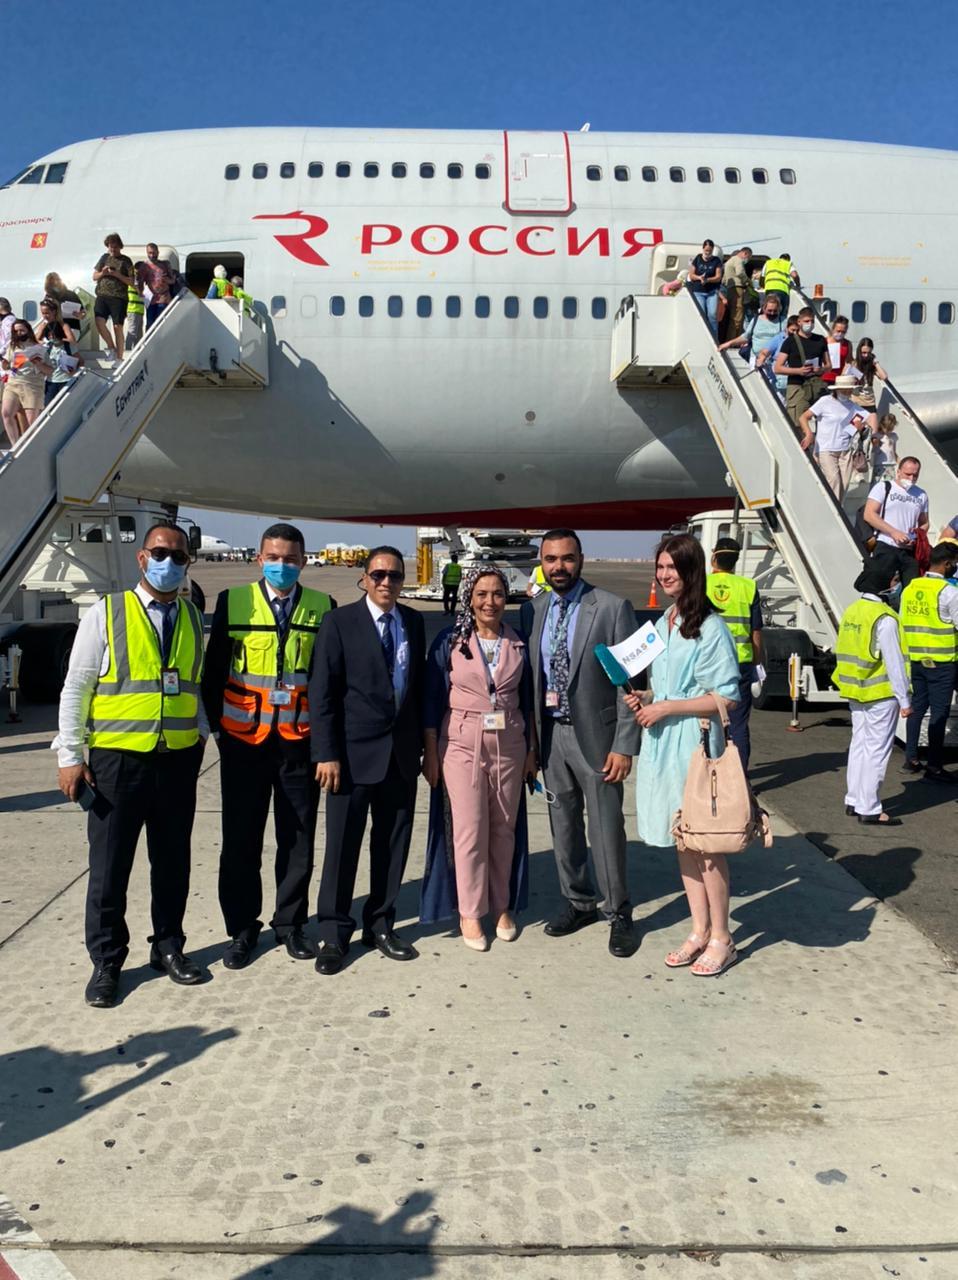 طائرات ضخمة البدن والطاقة الإستعابية لمواجة الطلب المتزايد من السائحين الروس على زيارة المقصد السياحى المصرى